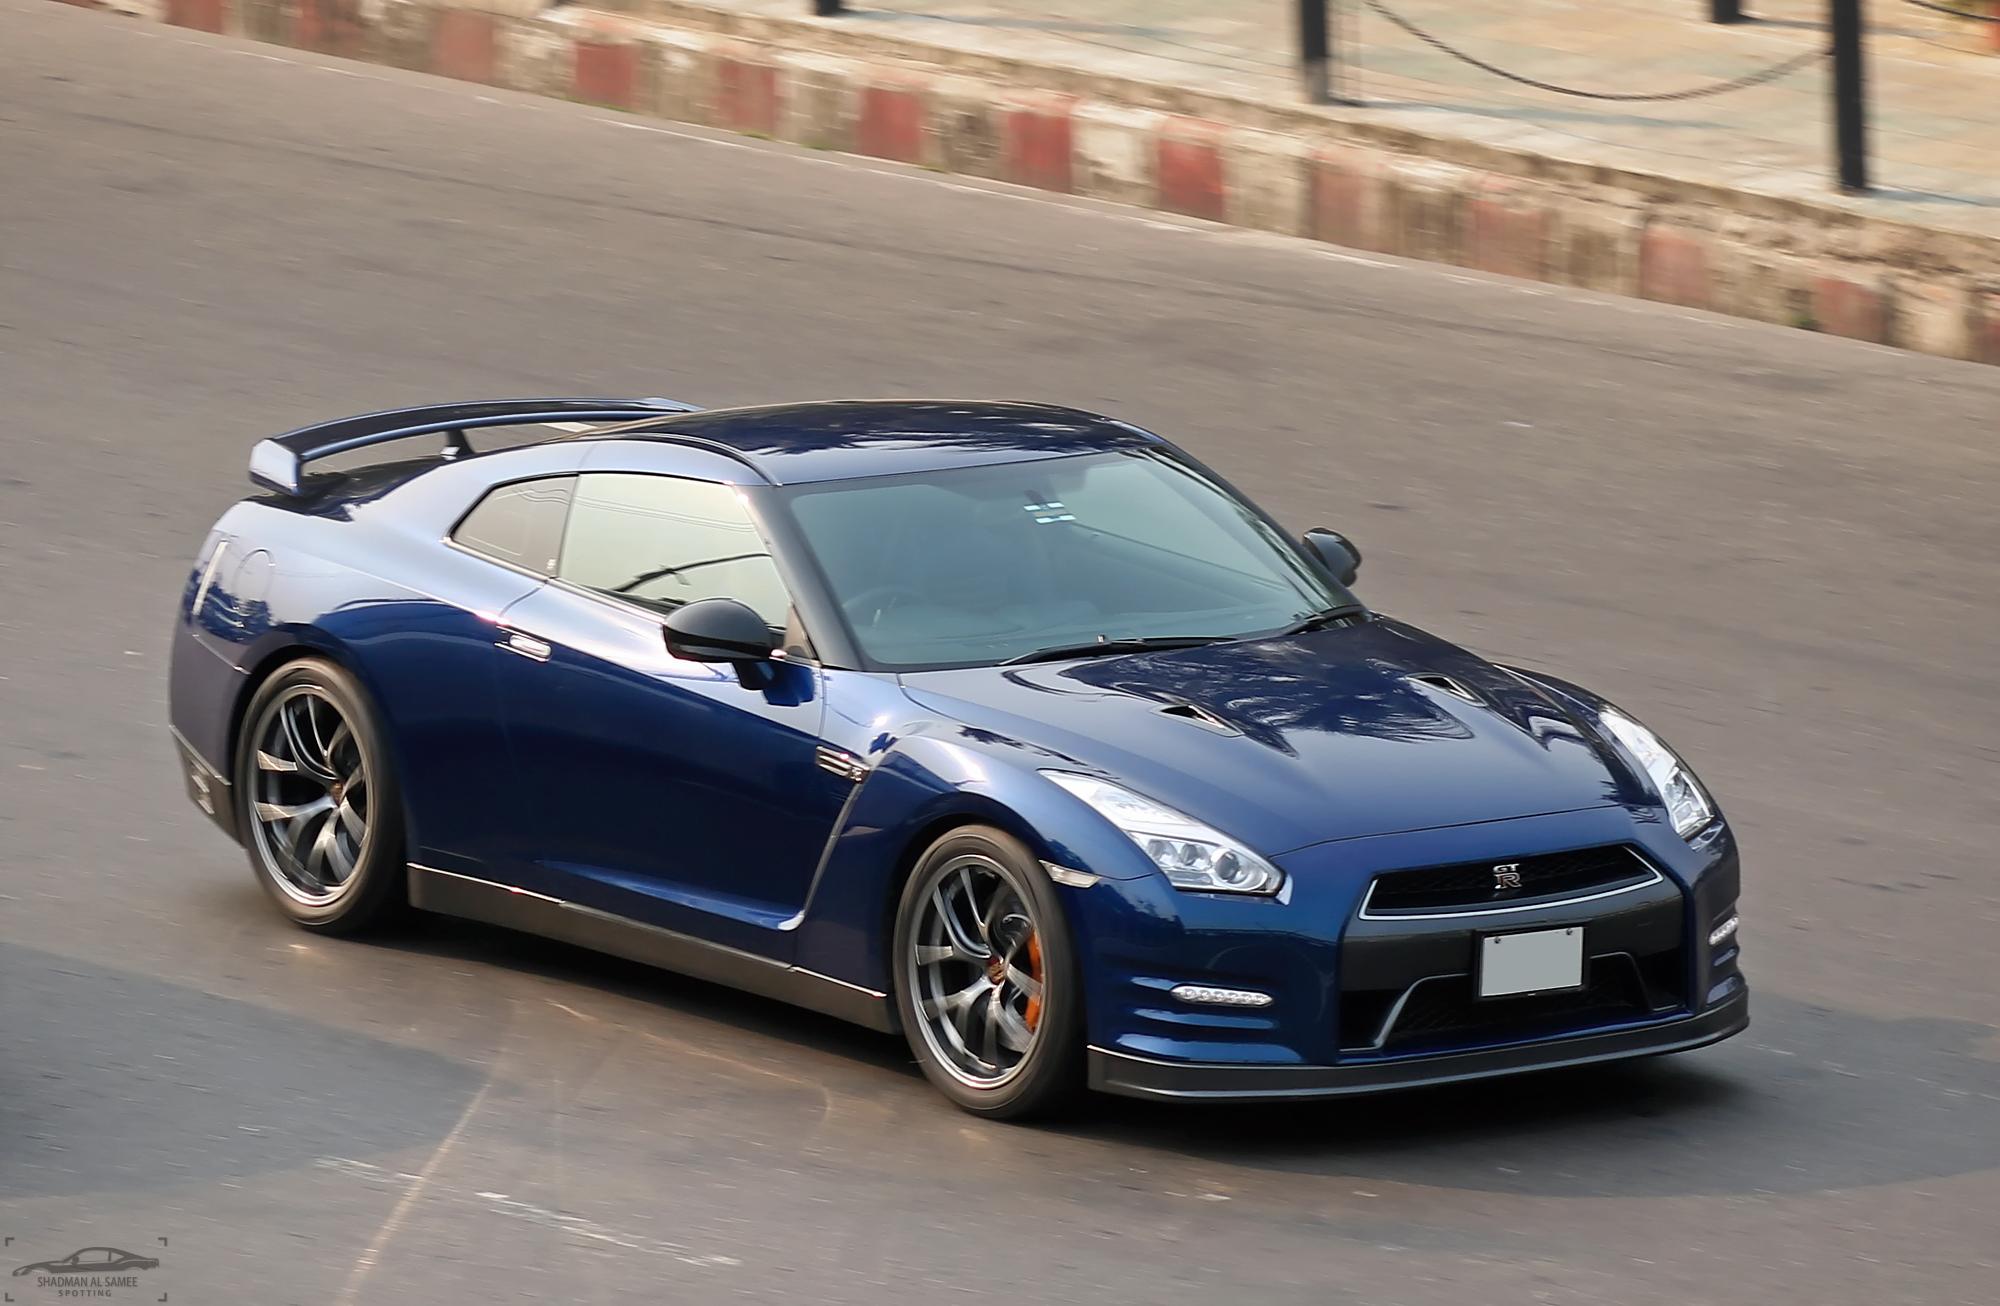 File:Nissan GT-R 20090620 rear.JPG